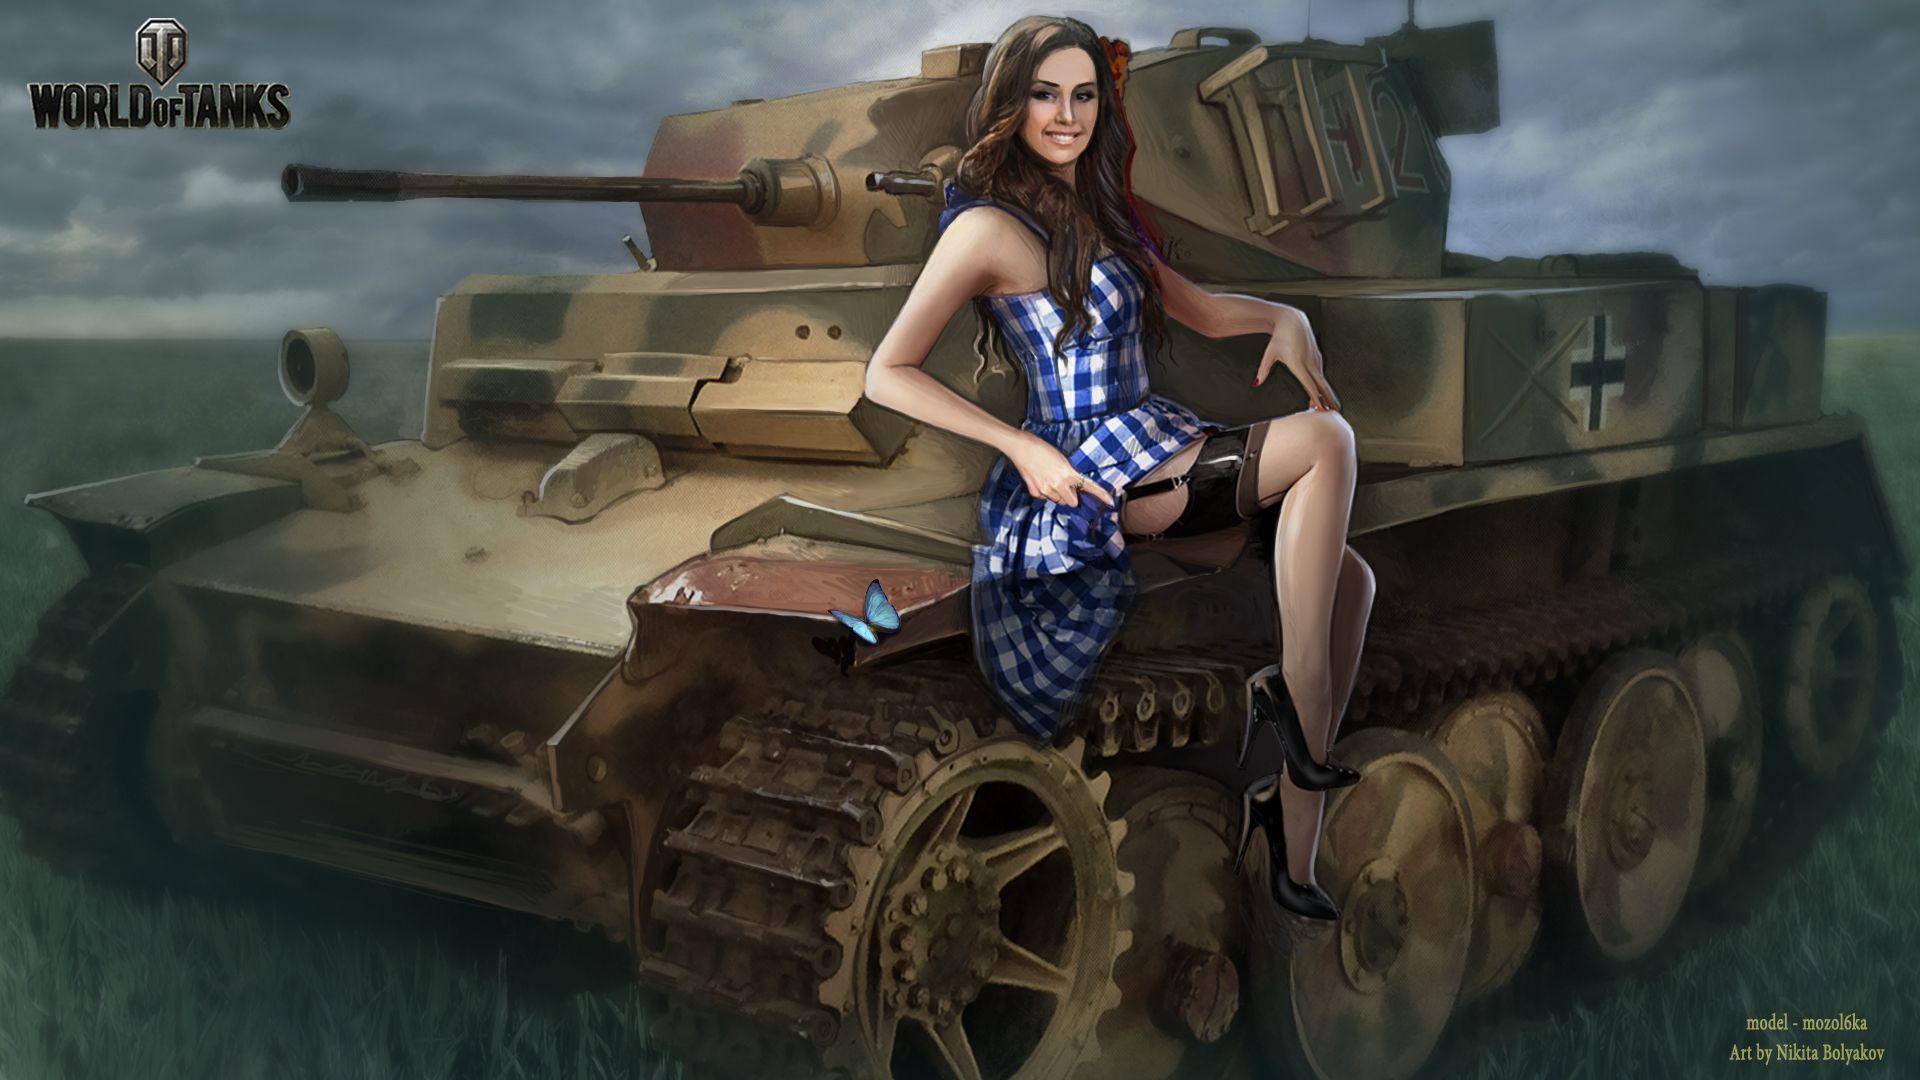 Pin On Tanks Ex battalion wallpaper hd